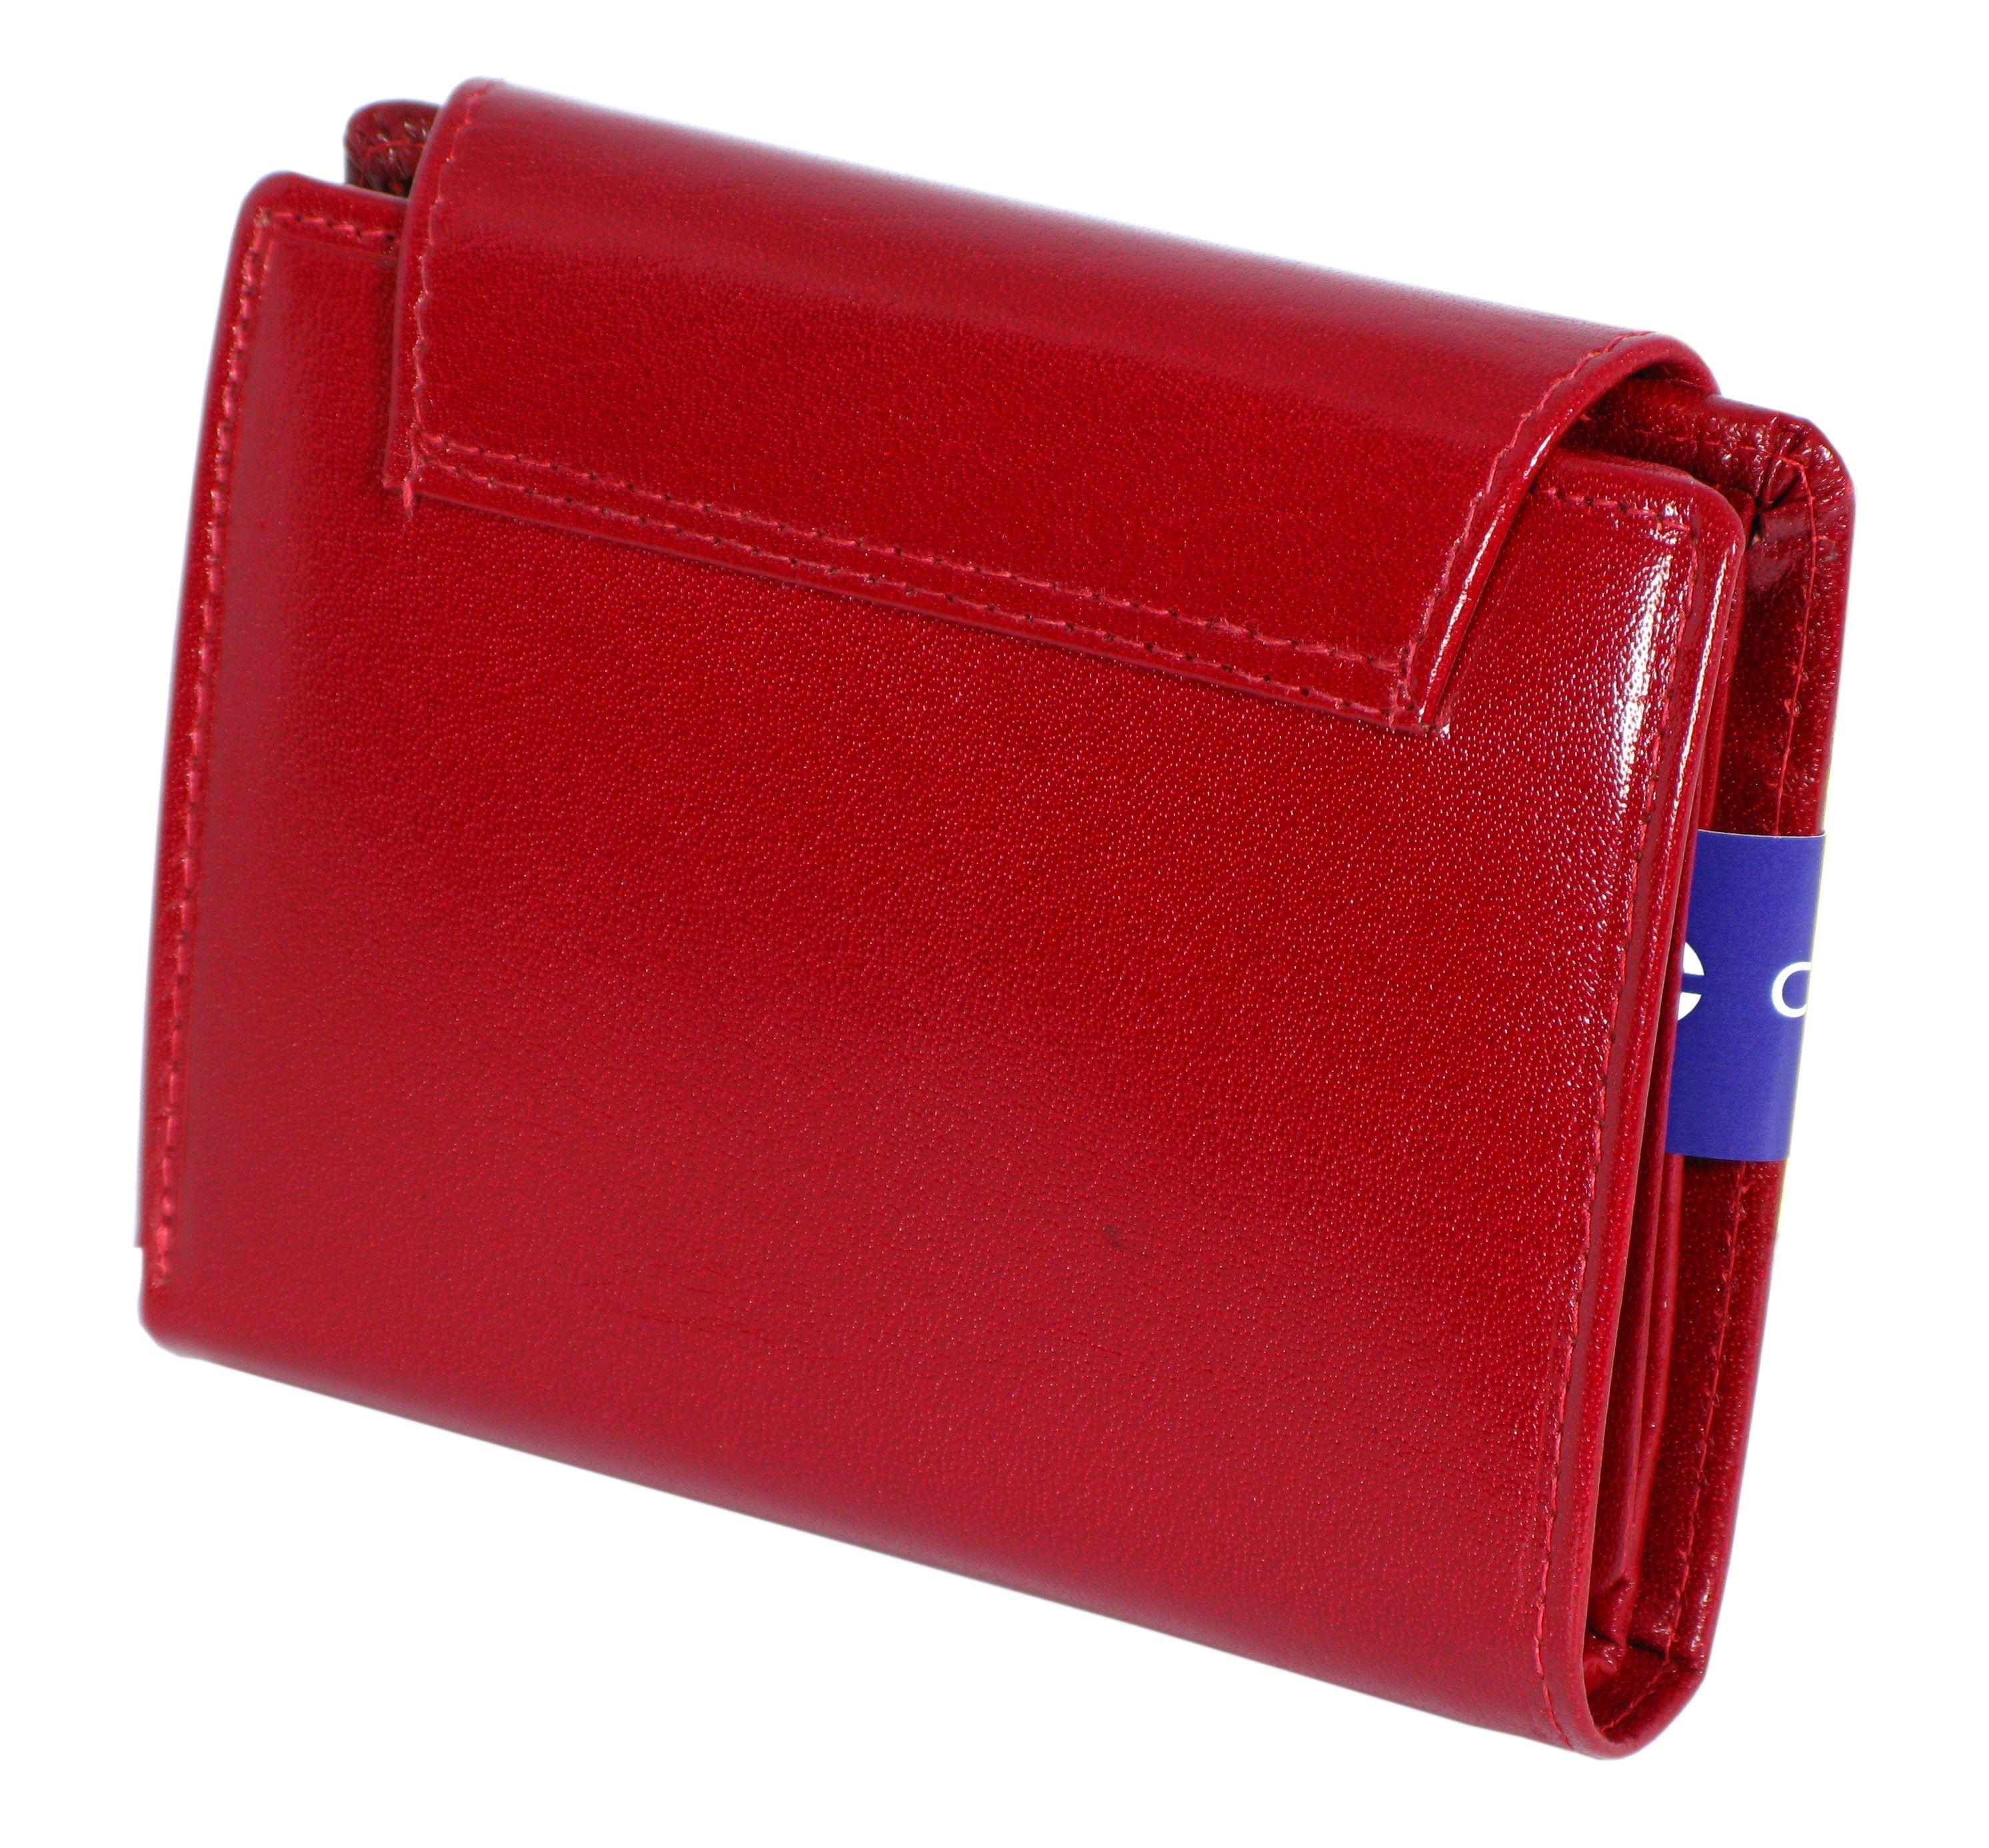 aa803c13a256d portfel damski skórzany allegro cefirutti czerwony portfel damski skórzany  allegro cefirutti czerwony ...